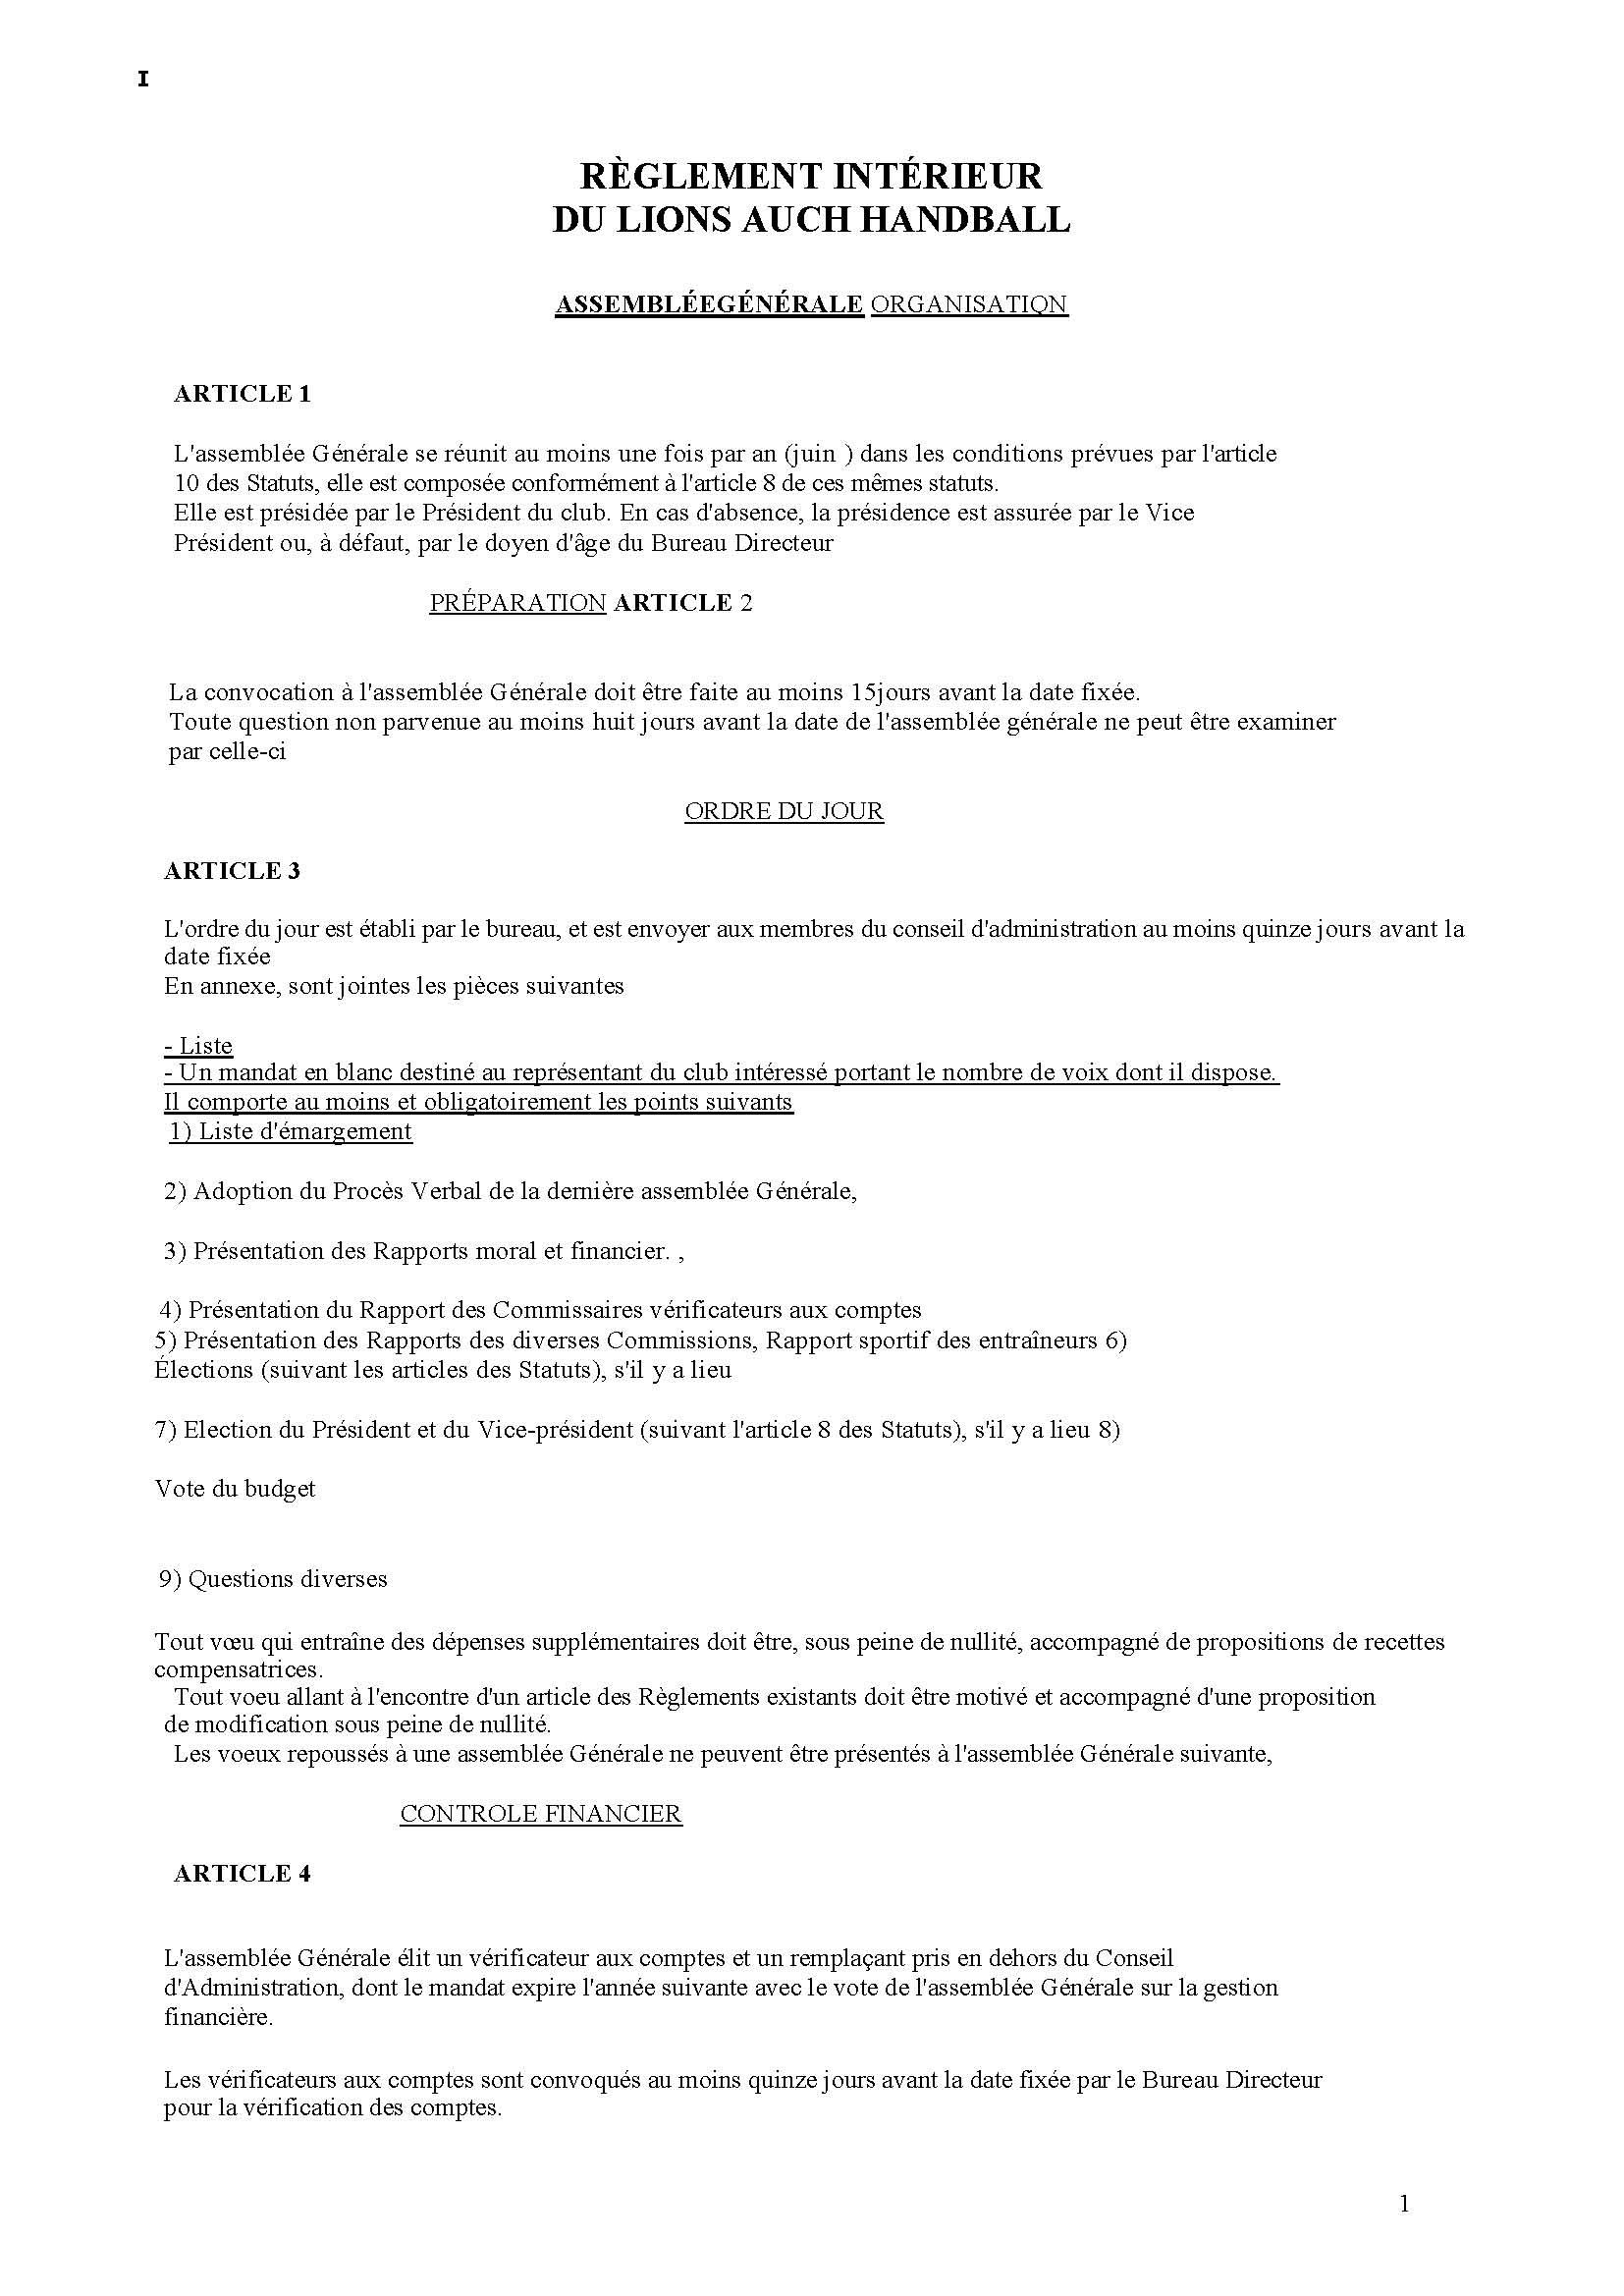 R glement interieur club handball lions auch handball for Le reglement interieur